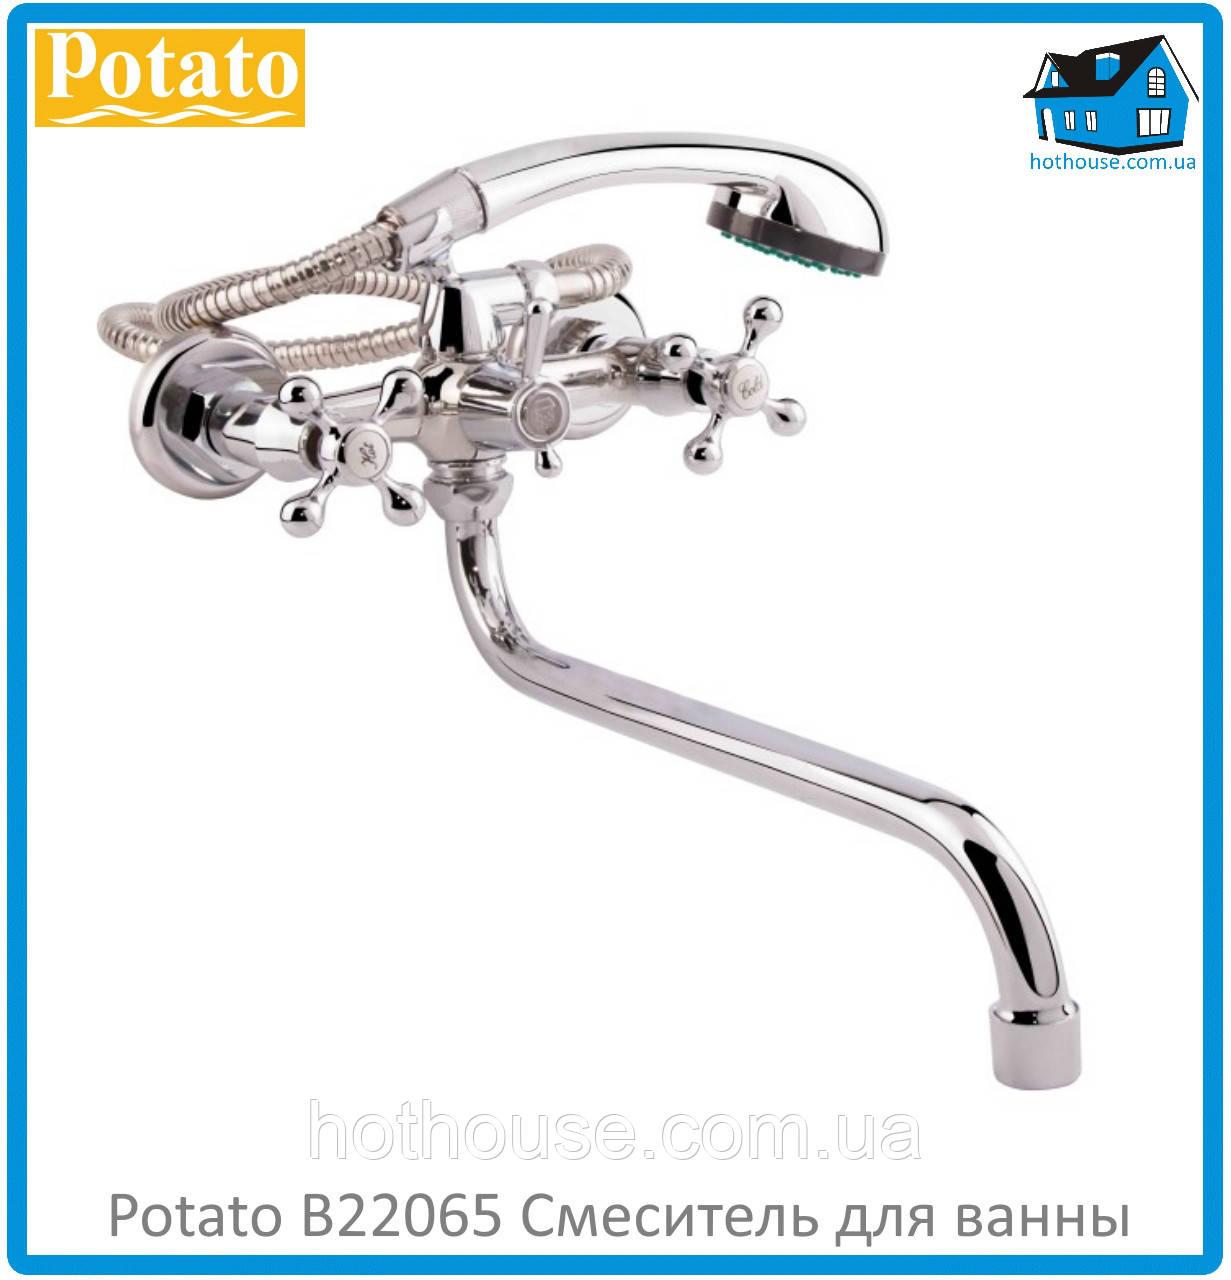 Смеситель для ванны Potato B22065